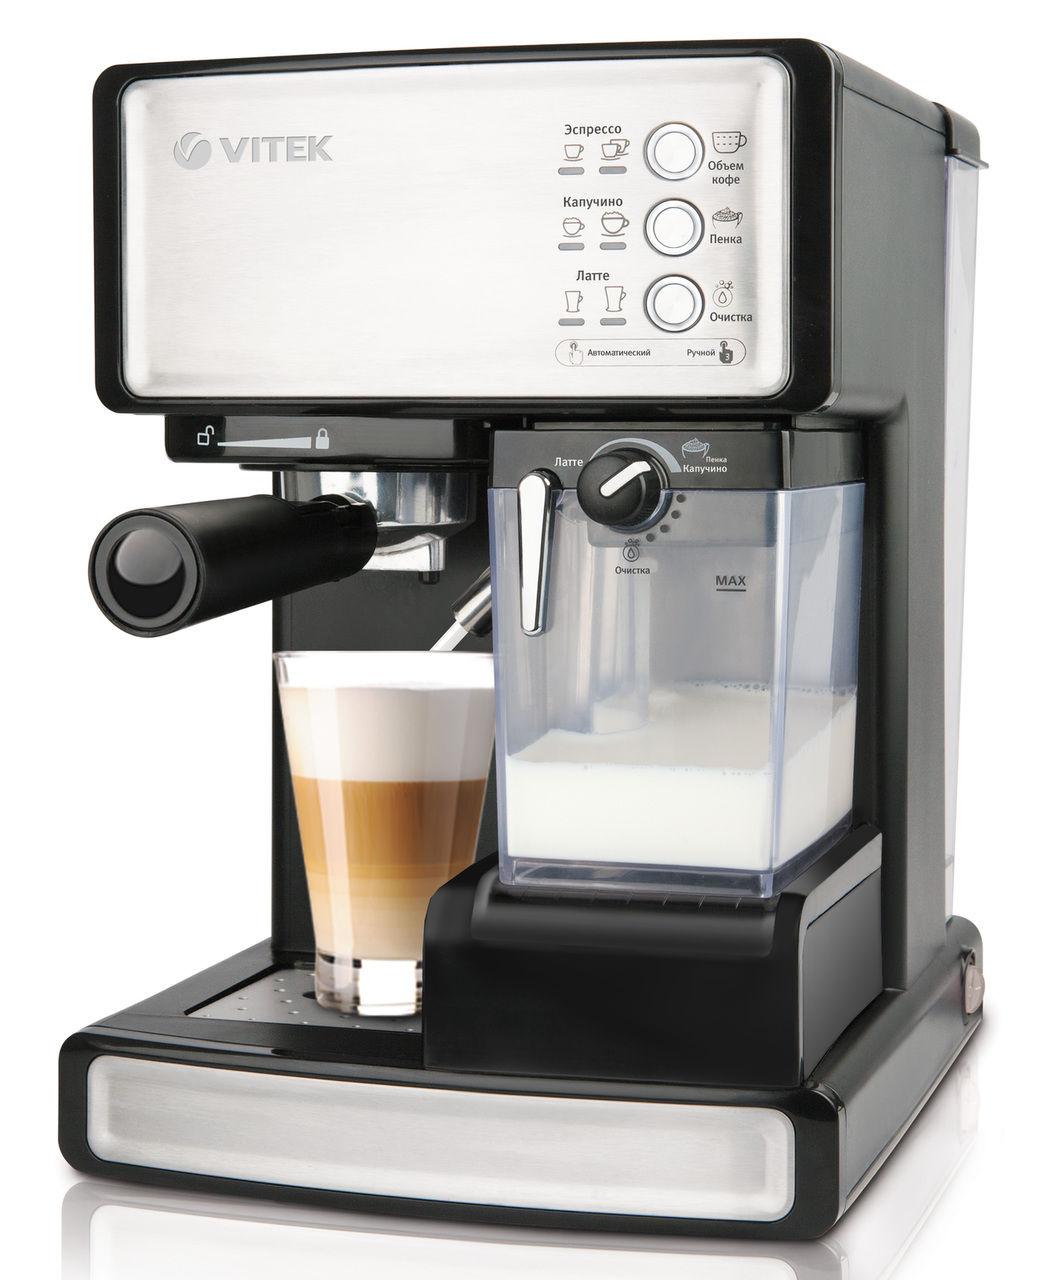 недорогая кофеварка рожкового типа